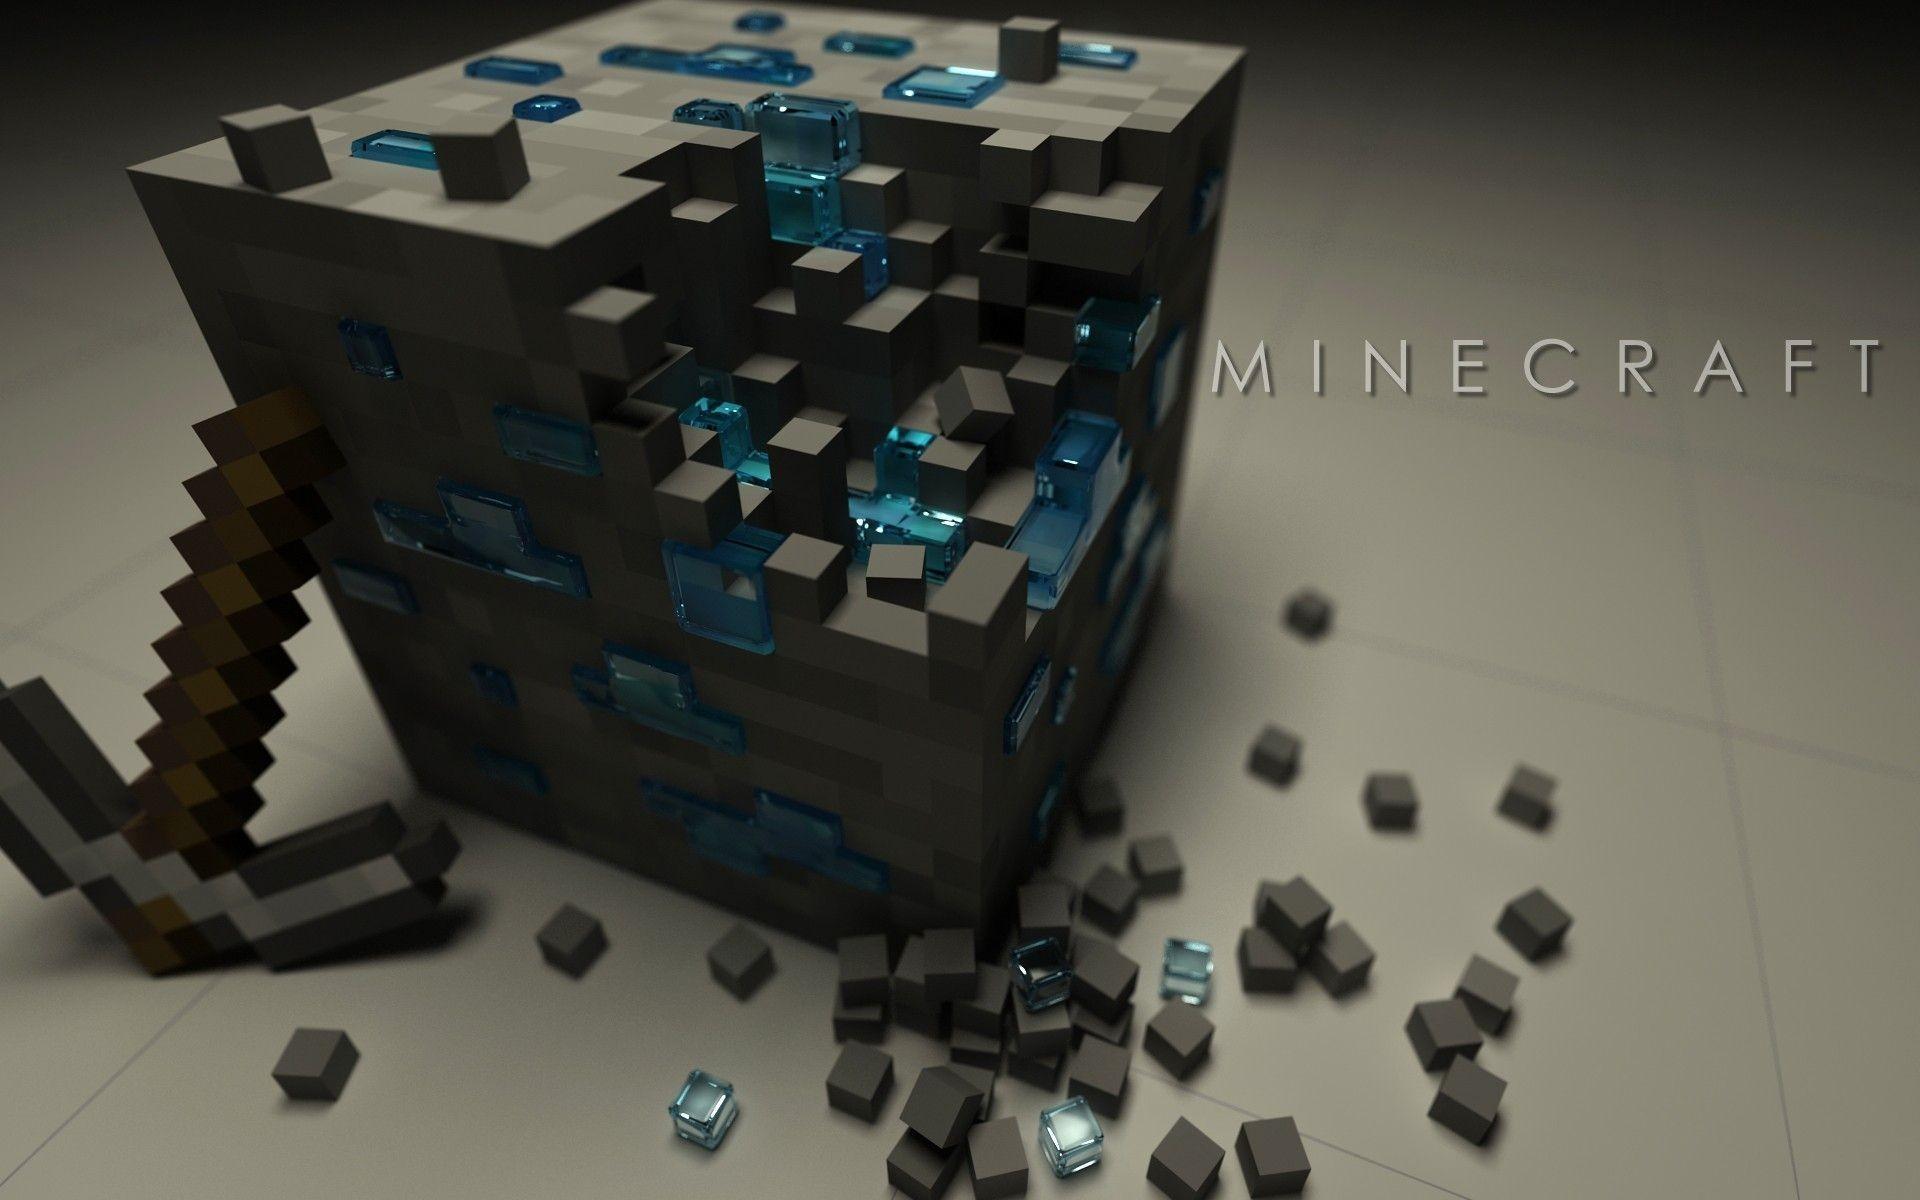 Minecraft Papercraft Shelter Set El Juego Online Minecraft Cuenta Con Más De 100 Tipos De Bloques